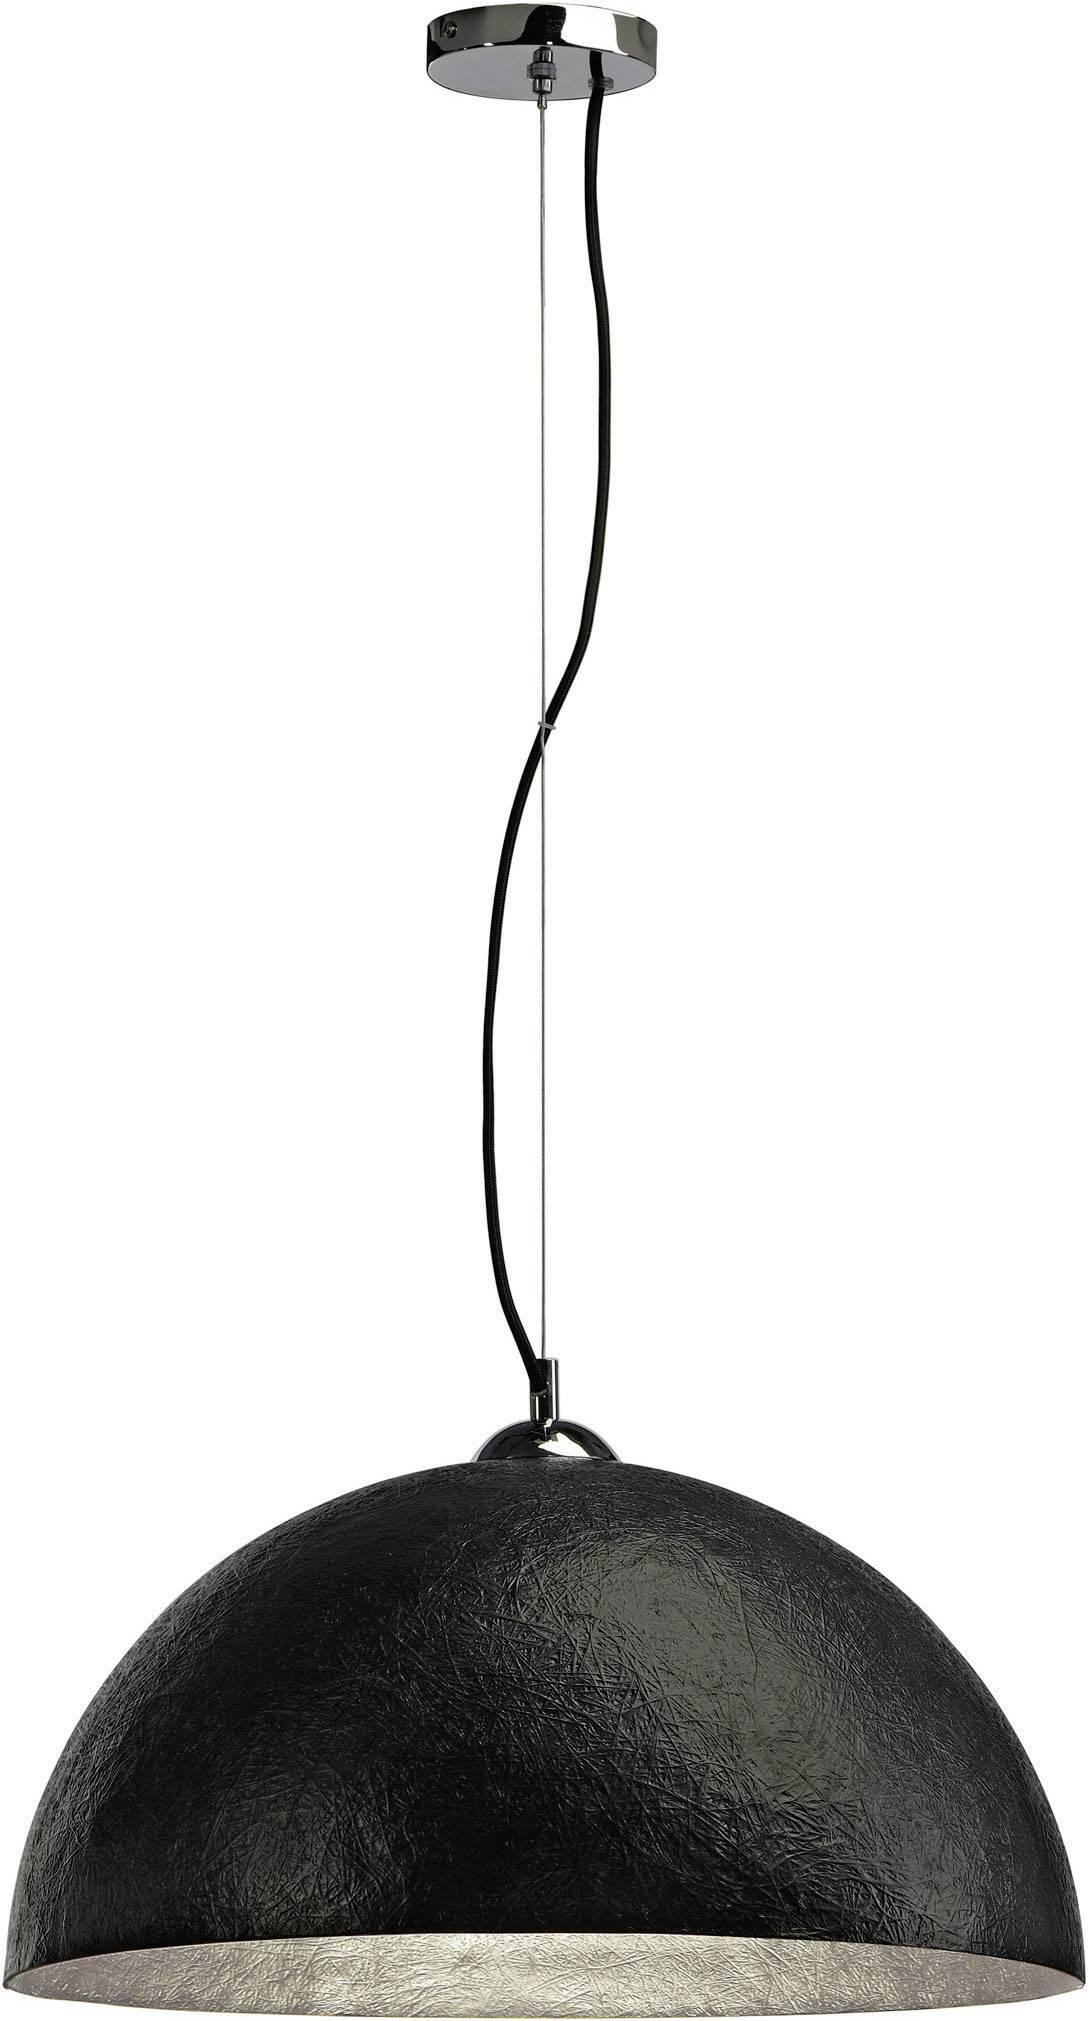 Závesné svietidlo LED SLV Forchini 155520, E27, 40 W, čierna, strieborná